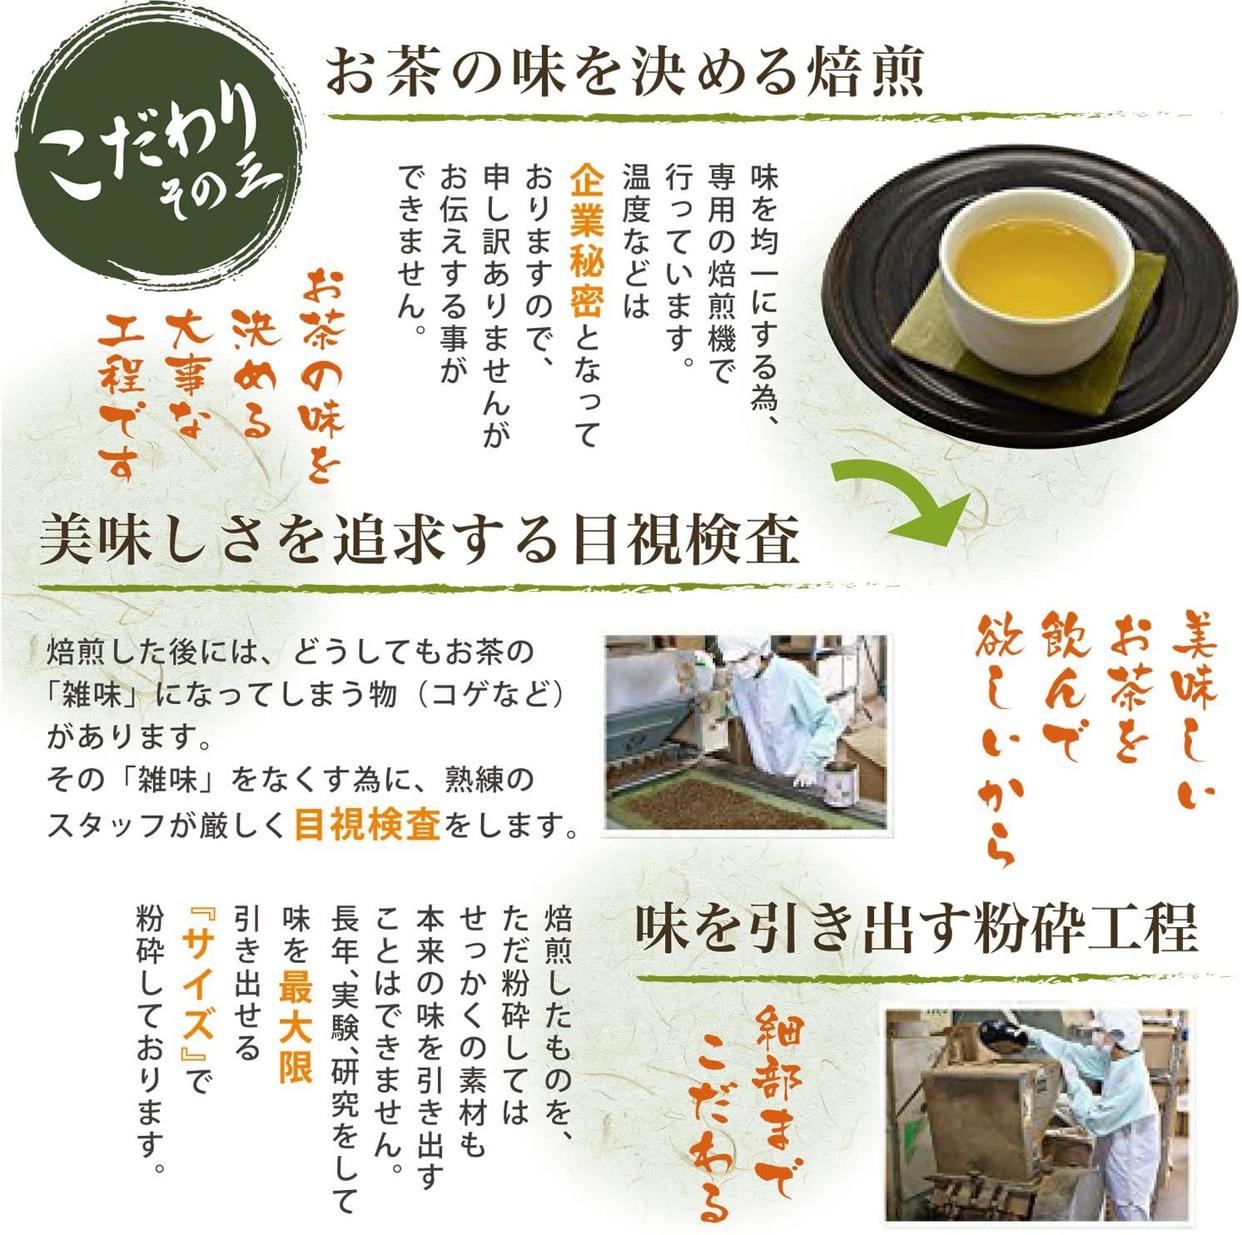 がばい農園 国産手作り ごぼう茶の商品画像5